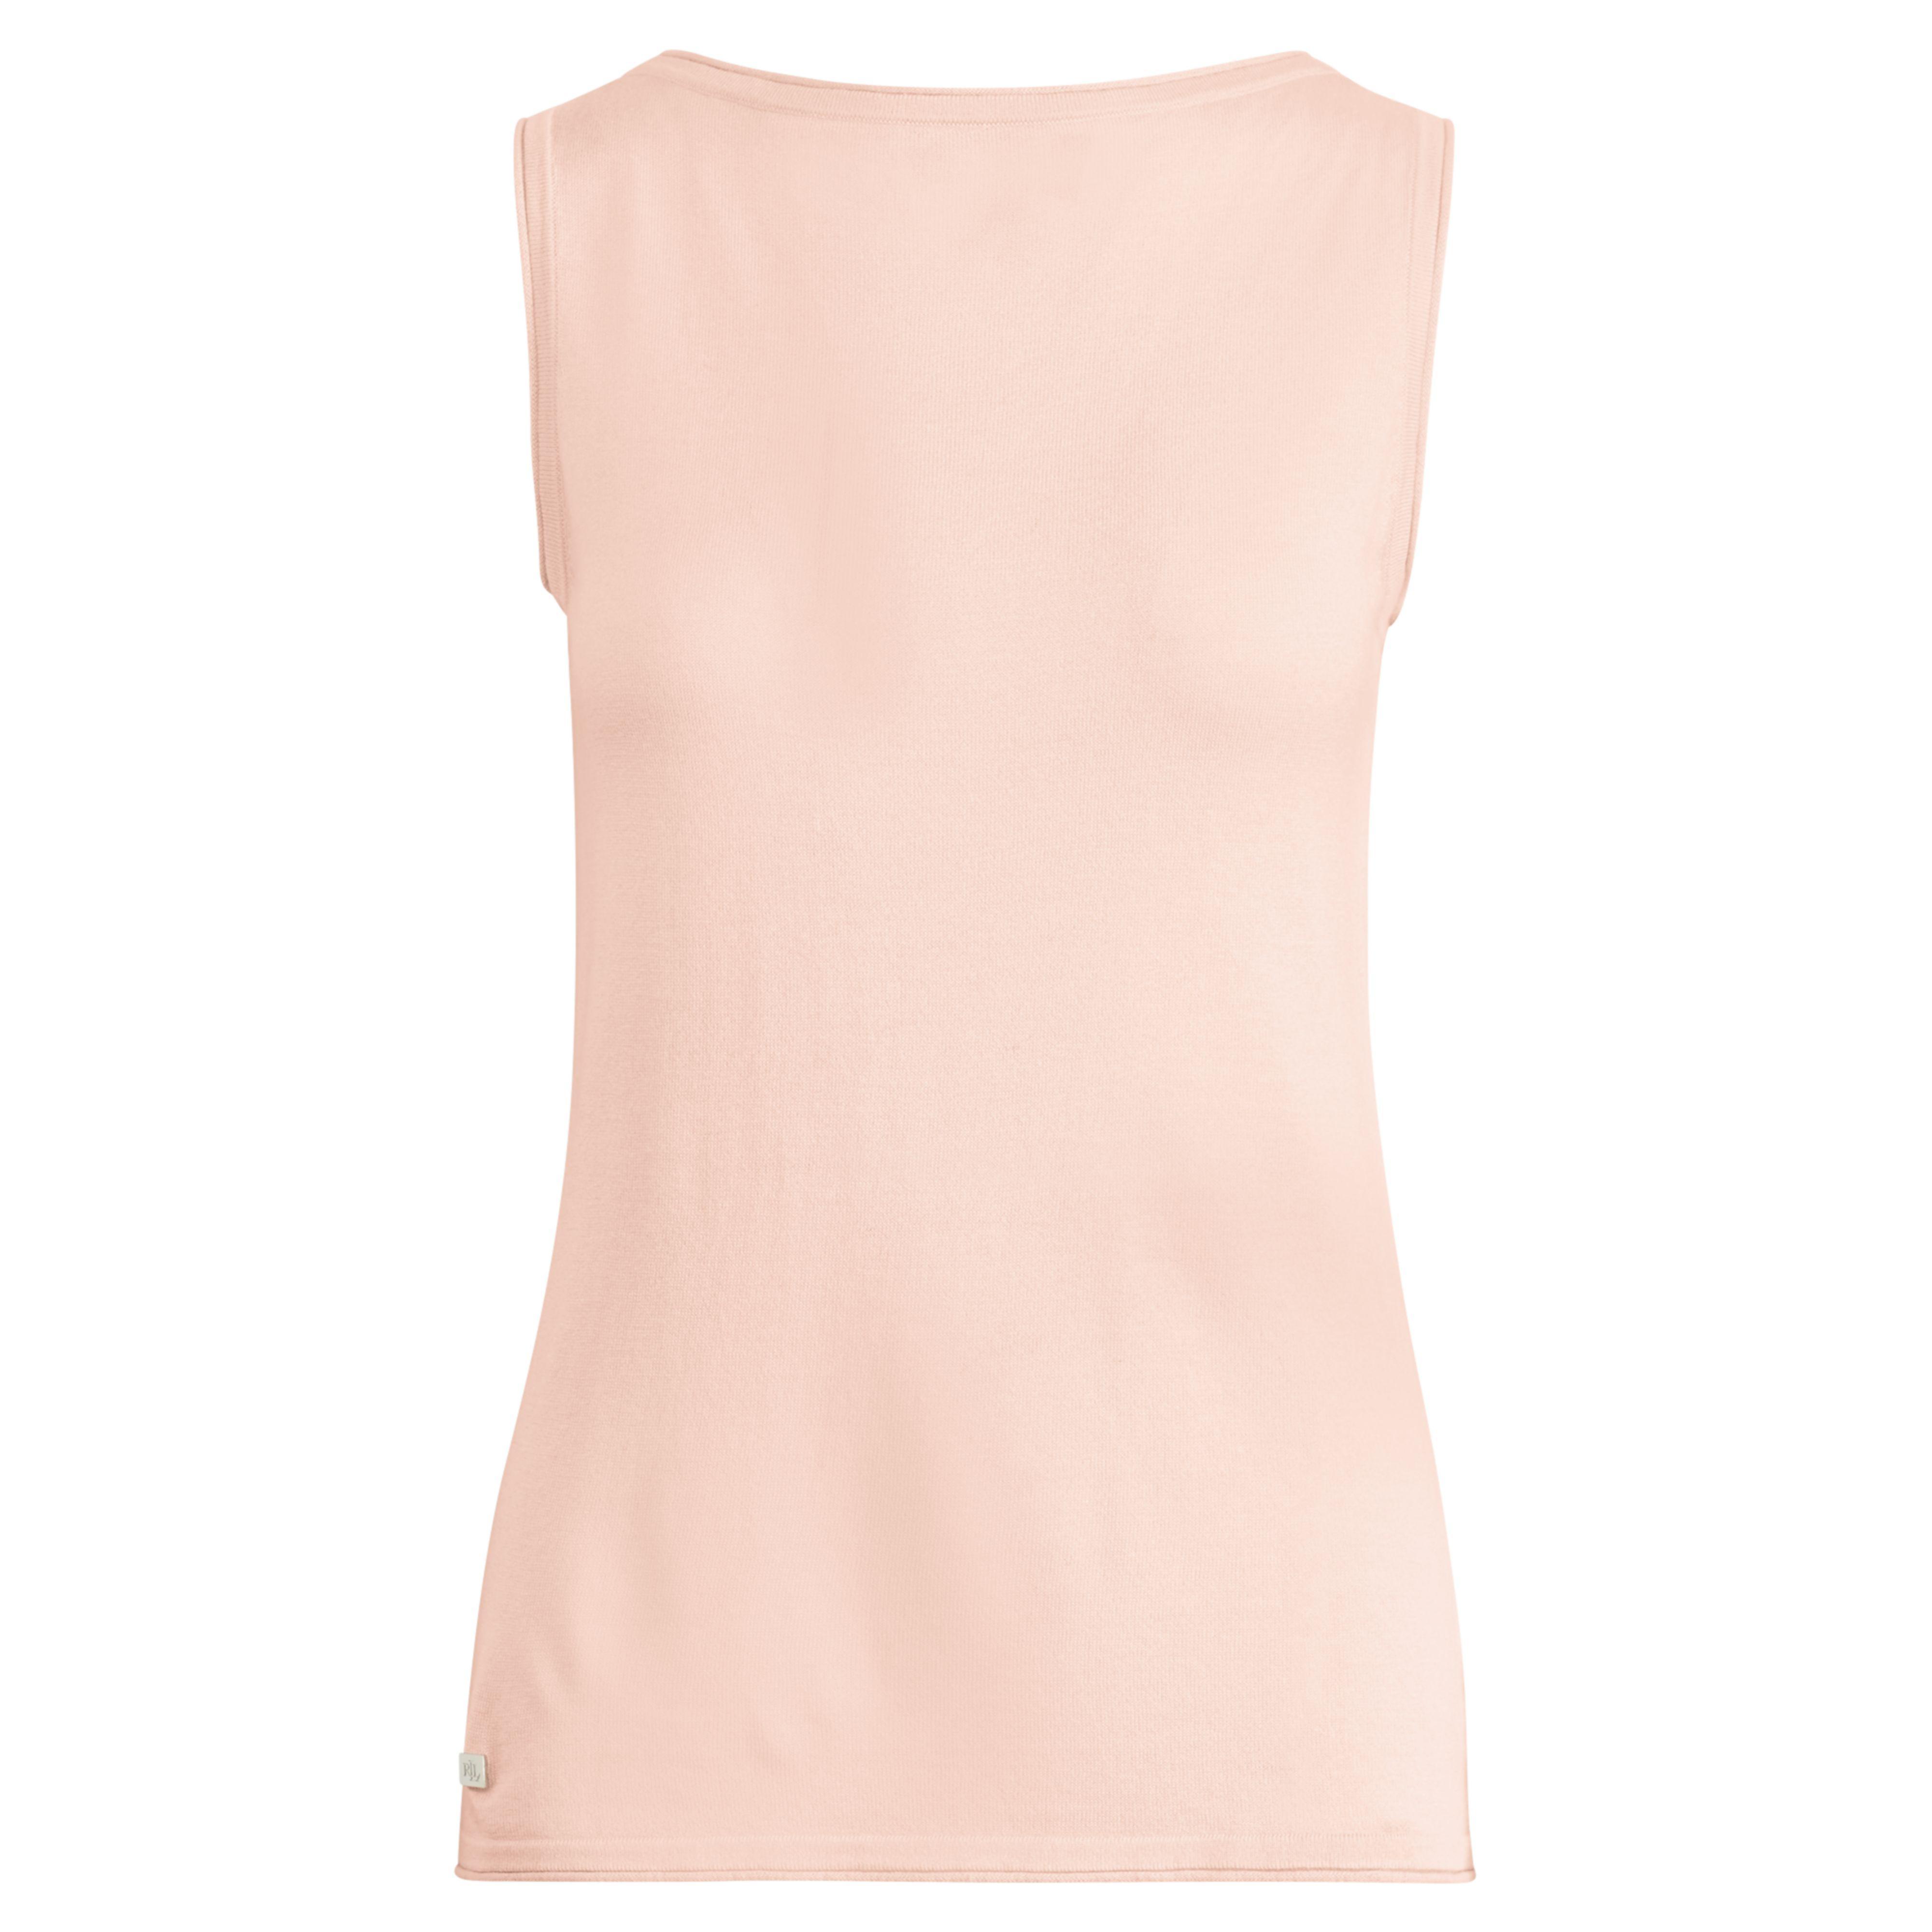 510c32ff7bd9cc Lyst - Ralph Lauren Knit Silk-blend Sleeveless Top in Pink